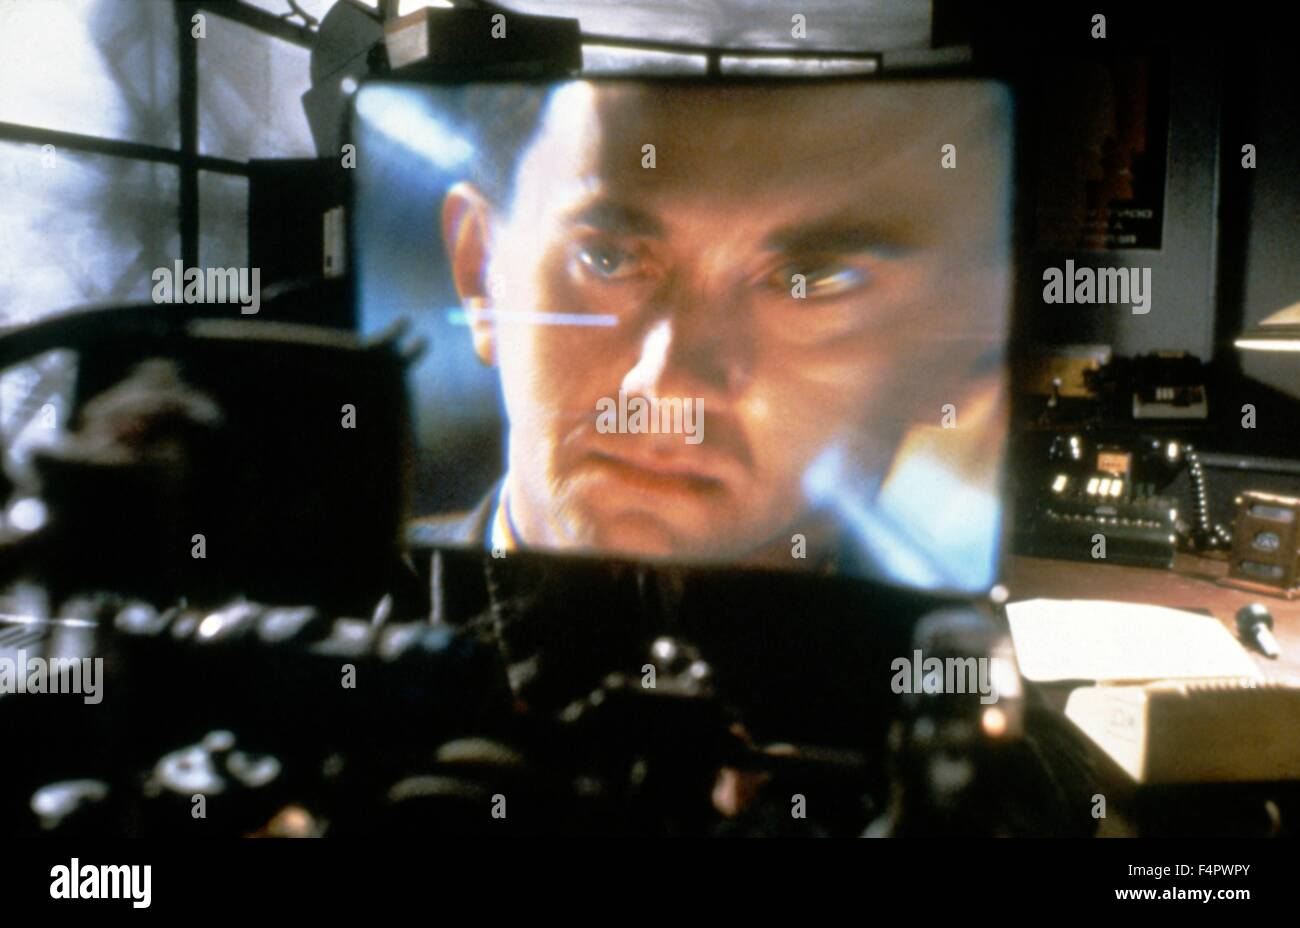 Brasilien / 1985 unter der Regie von Terry Gilliam [Botschaft International Pictures] Stockbild